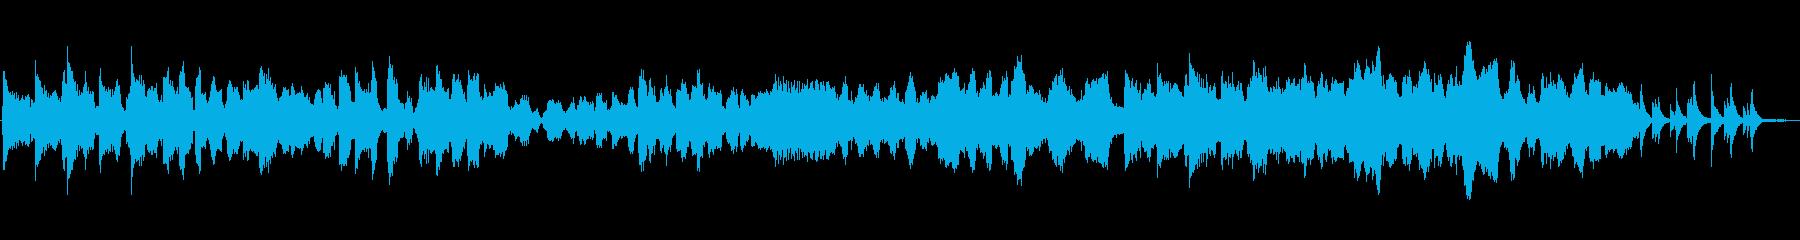 伸びやかな旋律が心に残る映像向け作品の再生済みの波形